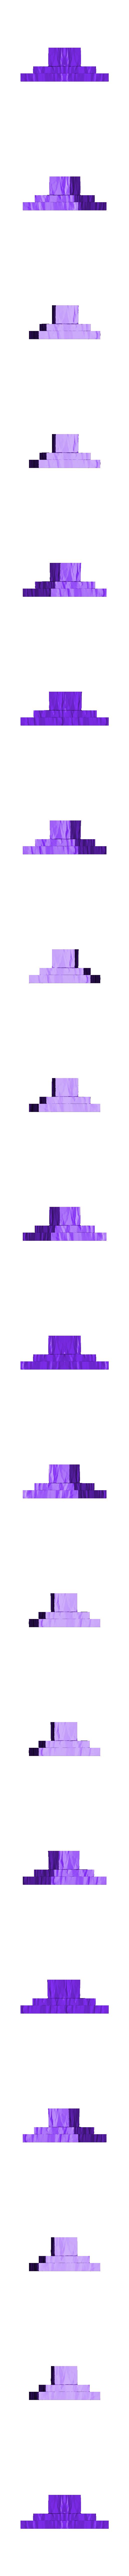 Demon Head + Base  Separate OBJ_SubTool2.obj Télécharger fichier OBJ Modèle d'impression 3D du buste du démon • Design imprimable en 3D, belksasar3dprint